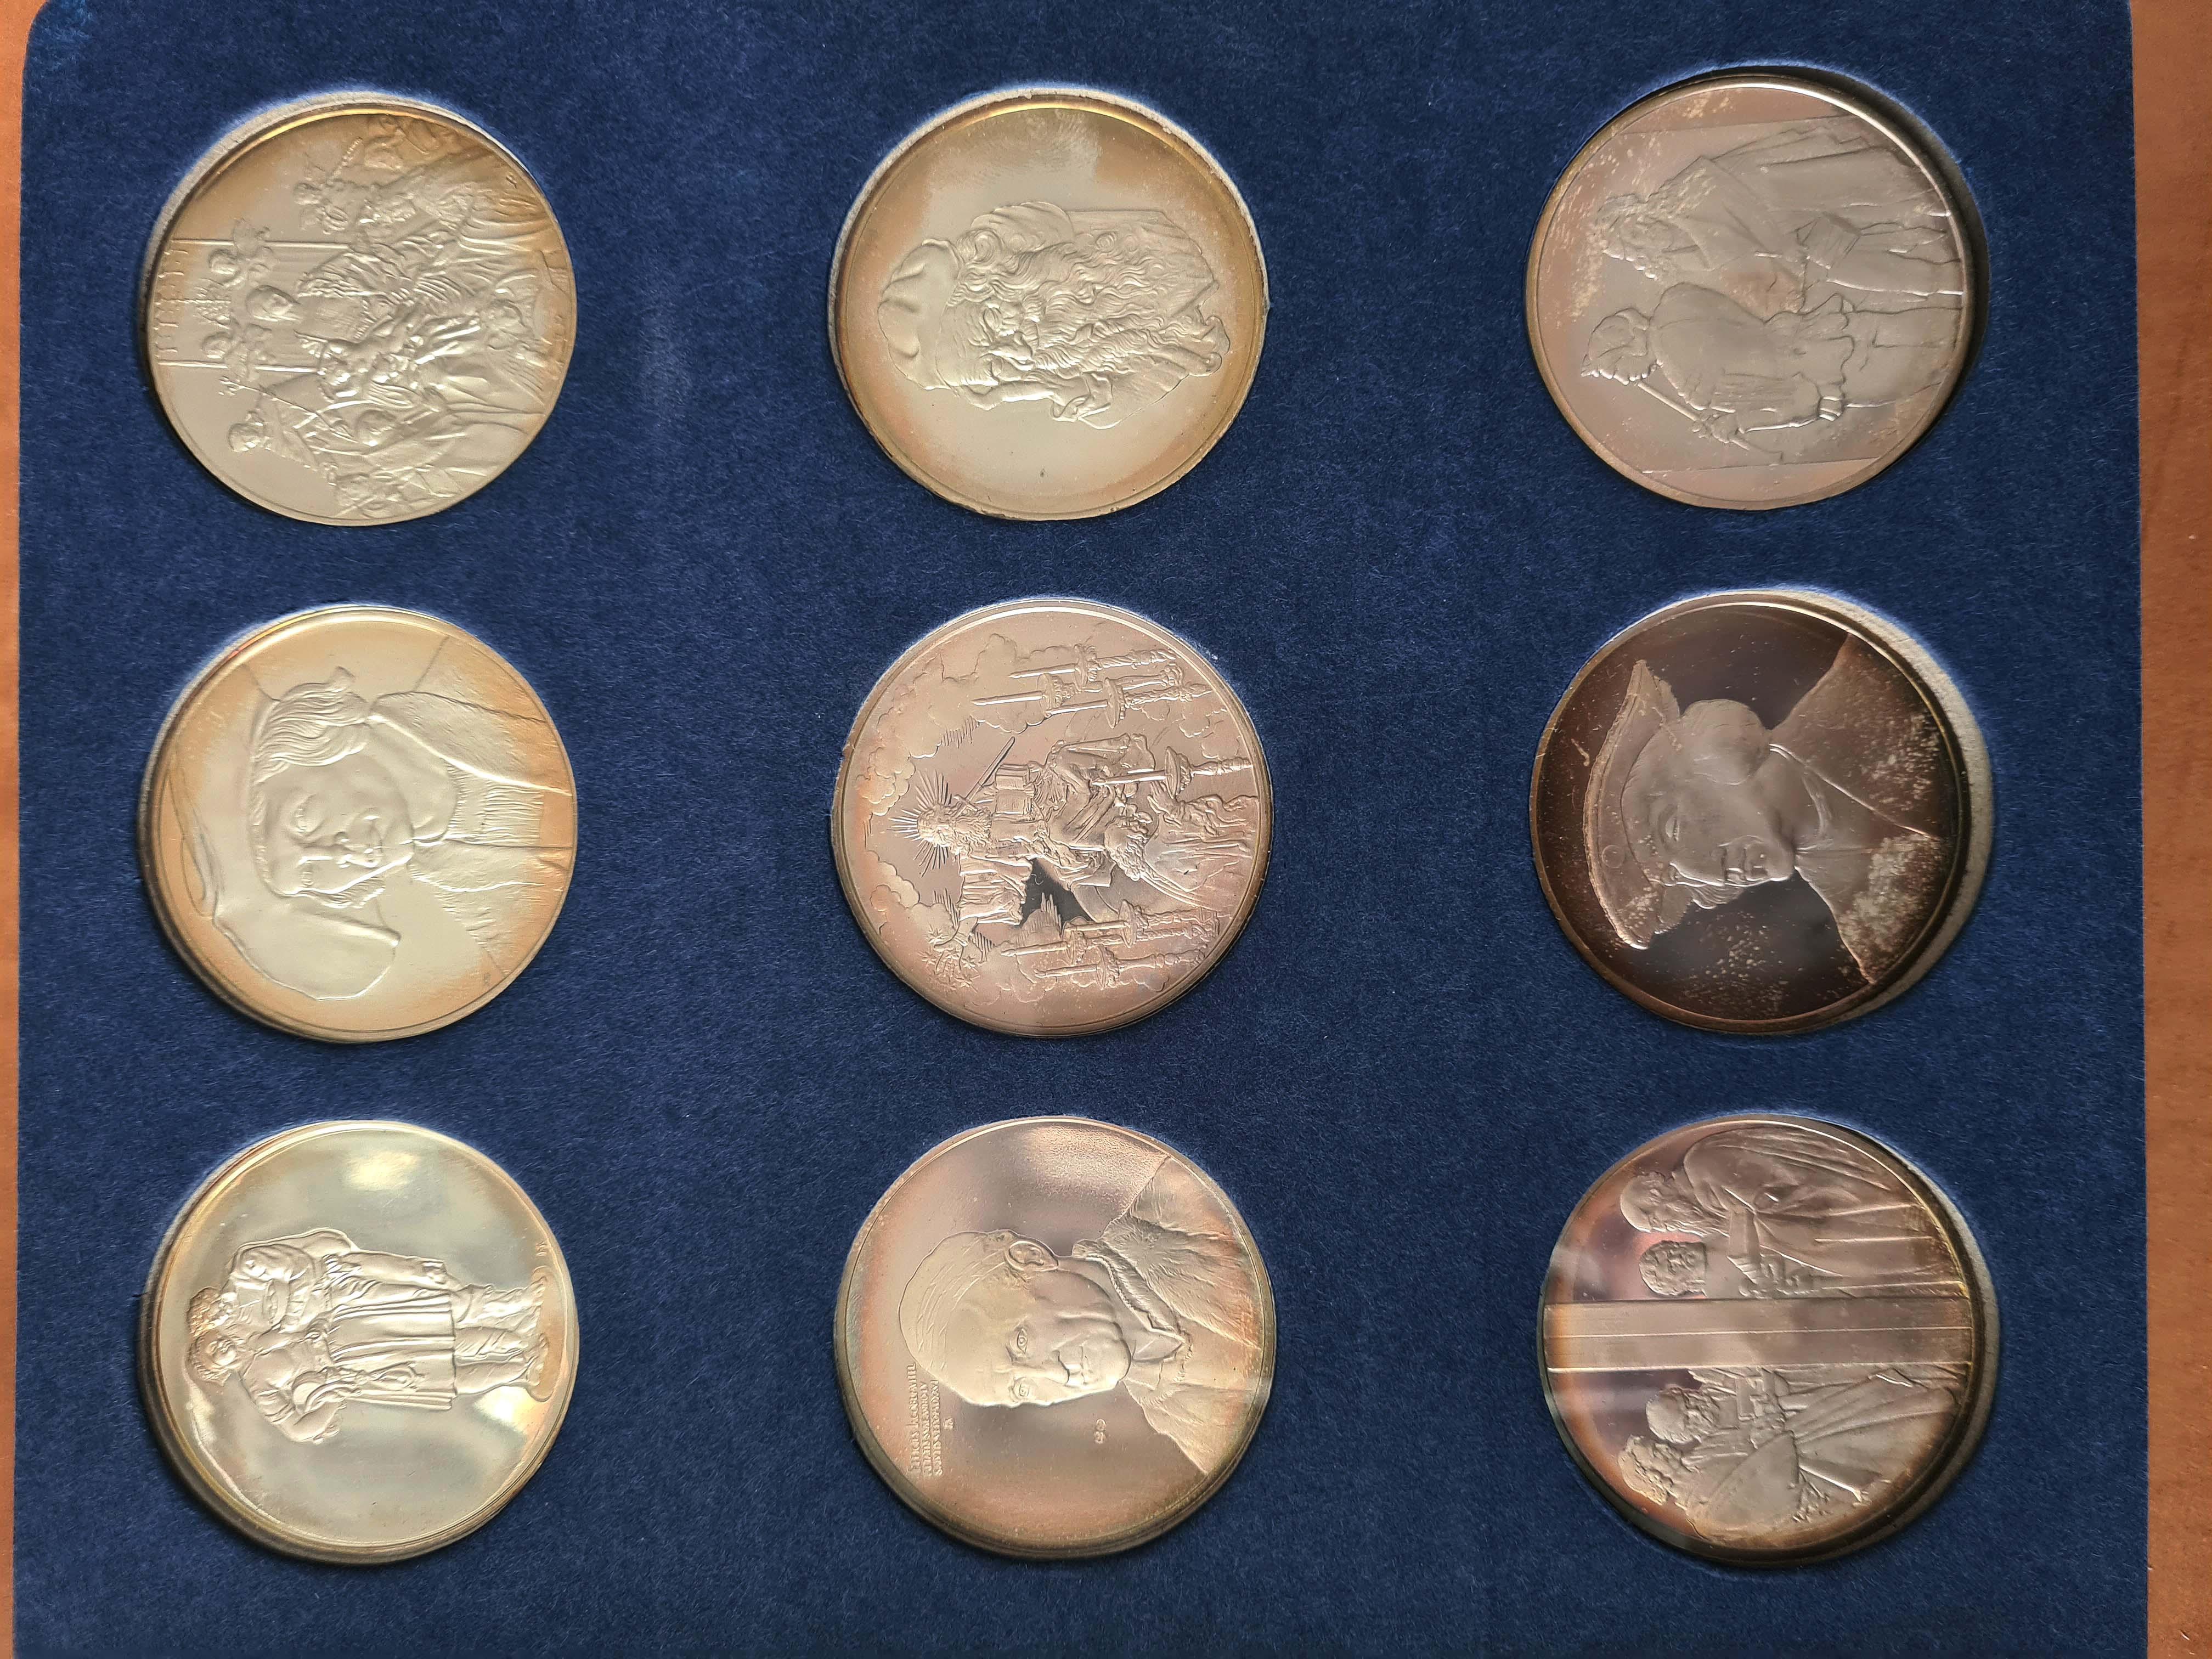 Lot 2614 - Sammlungen_Medaillen_Dürer S -  Auktionshaus Ulrich Felzmann GmbH & Co. KG Auction 170 International Autumn Auction 2020 Day 2